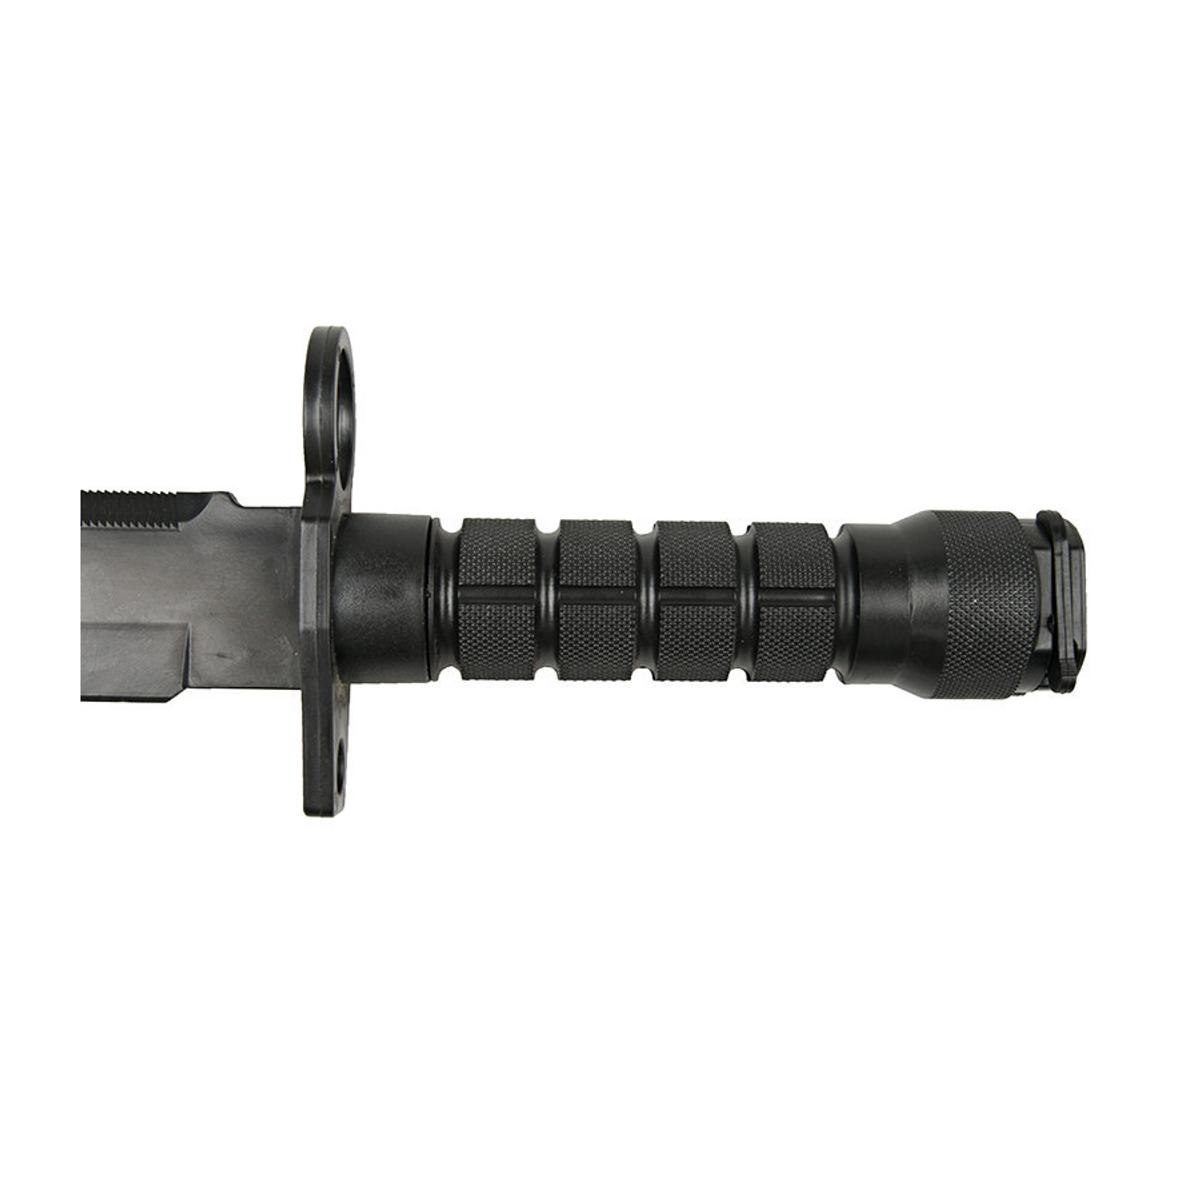 M9 Bayonet Treningskniv - Sort